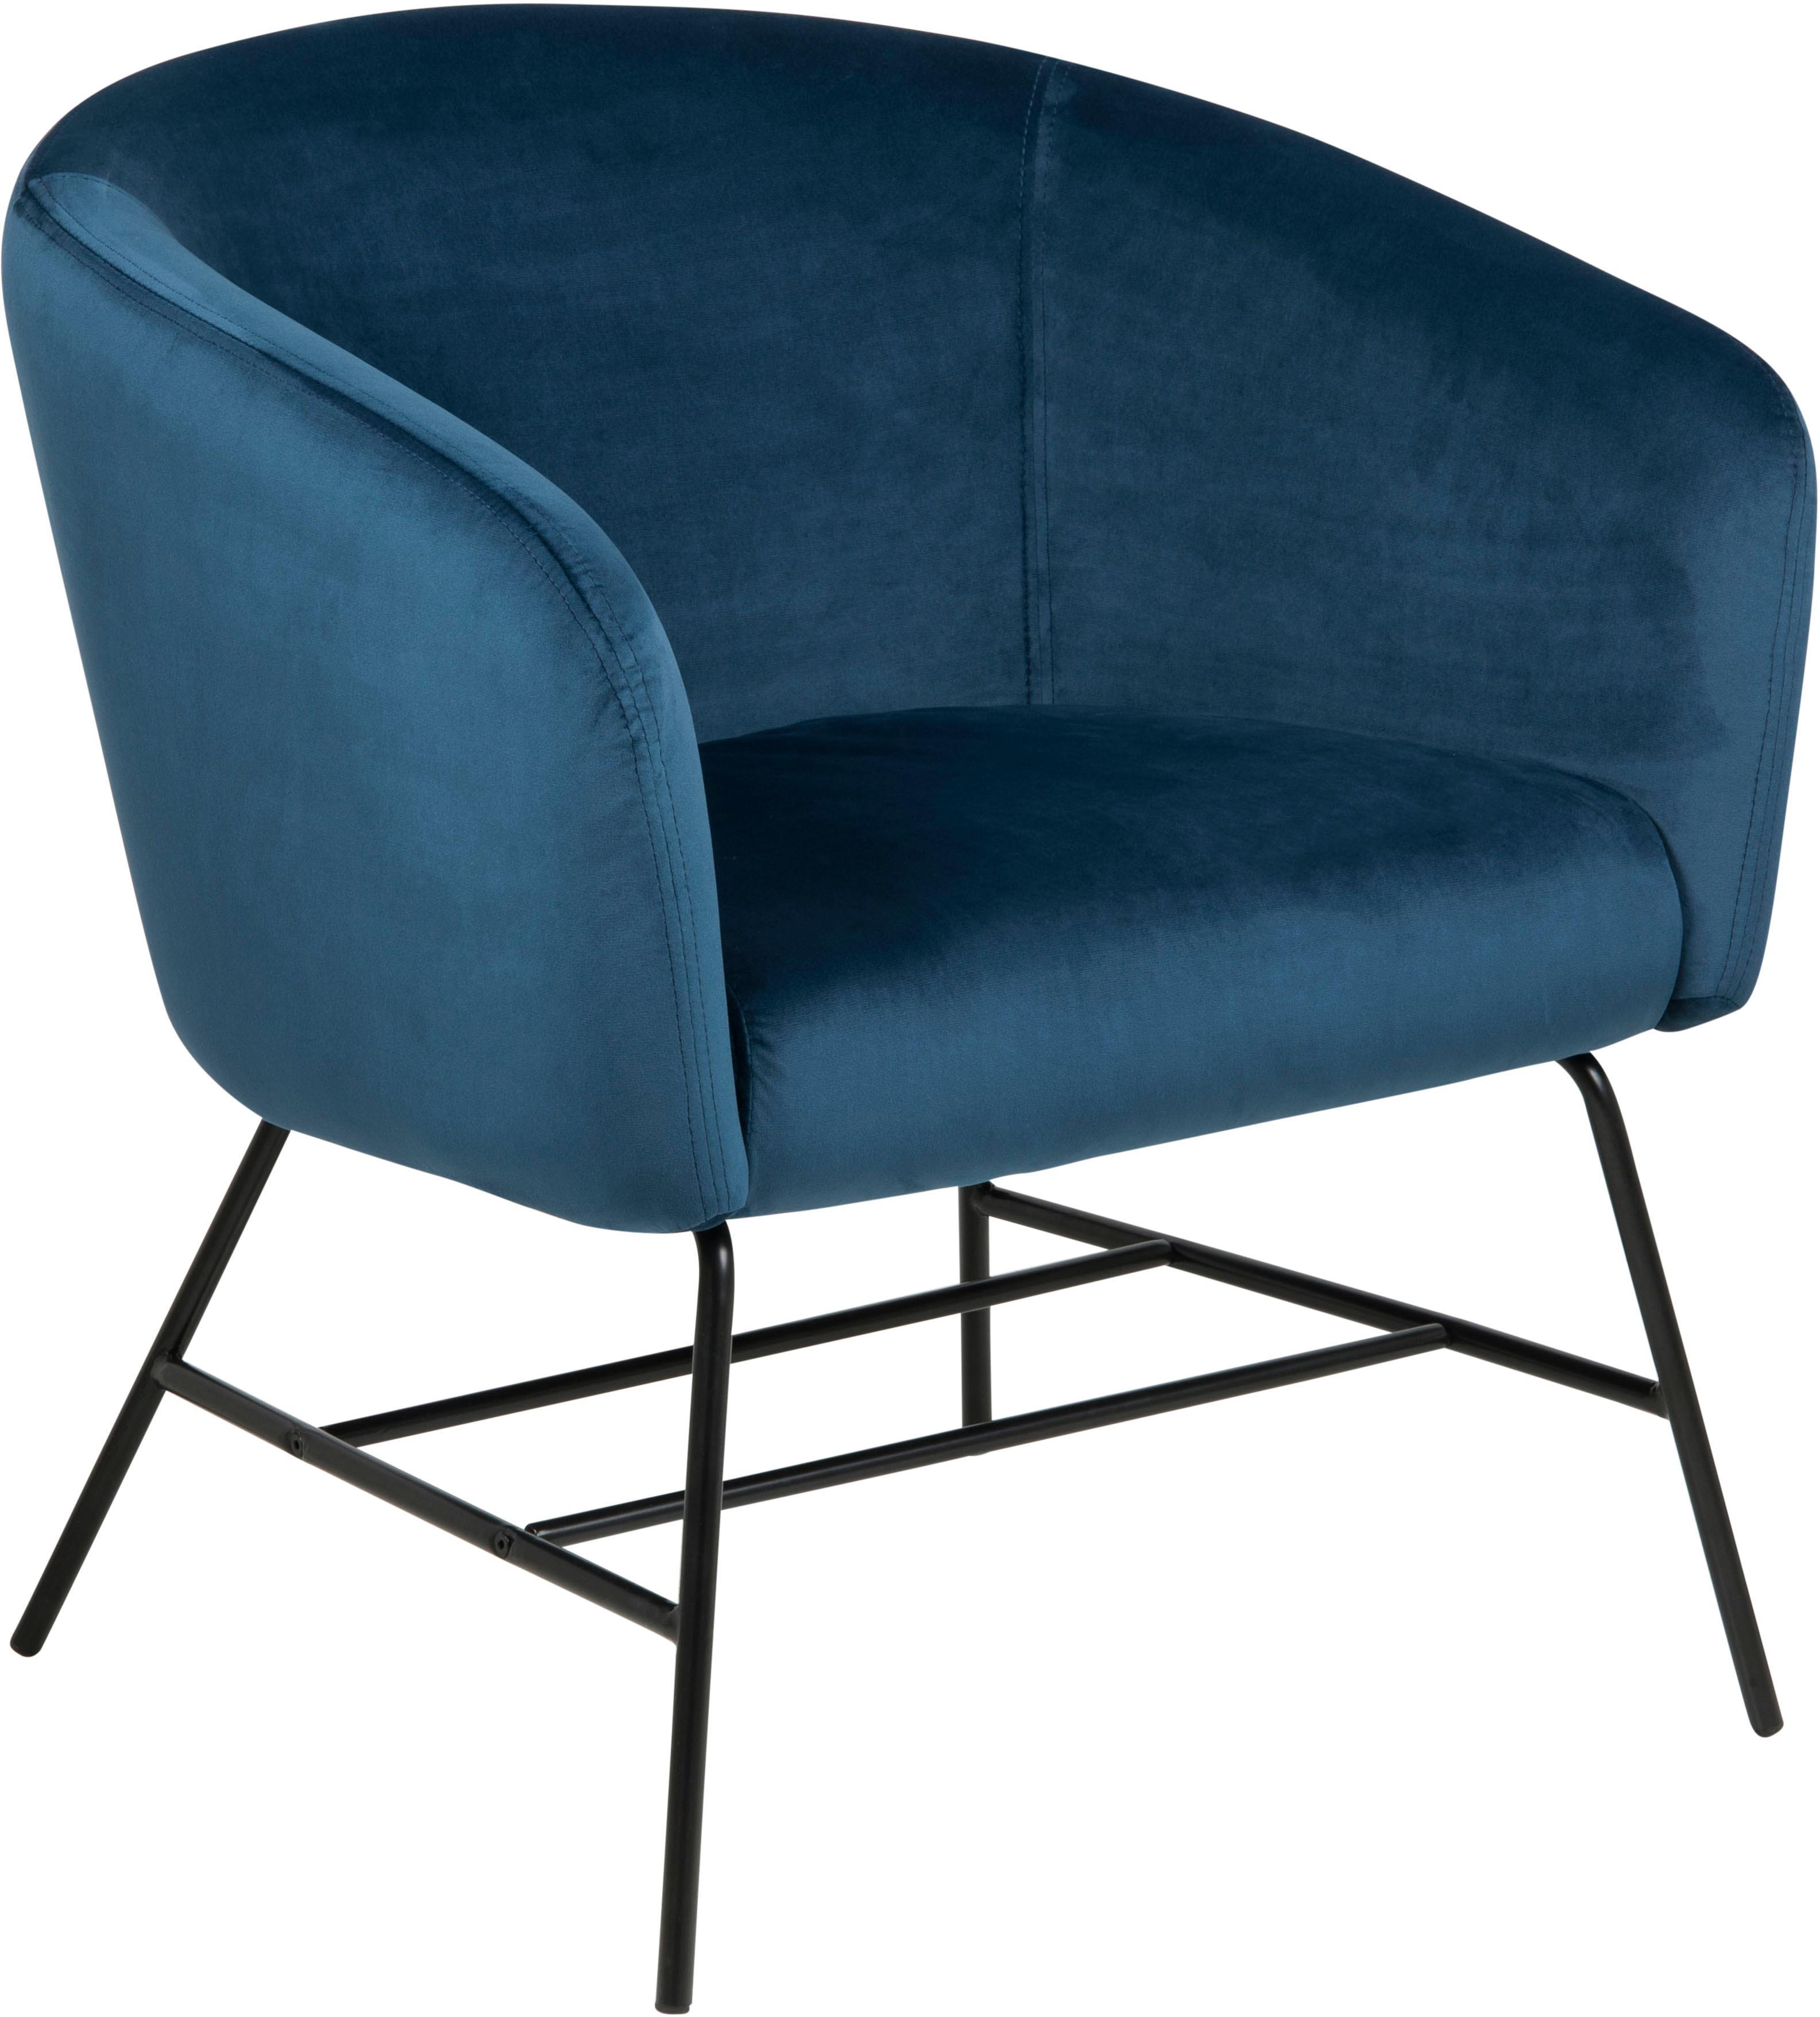 andas Loungestuhl Roger mit schönem schwarzem Metallgestell und weichem blauem Velvetbezug